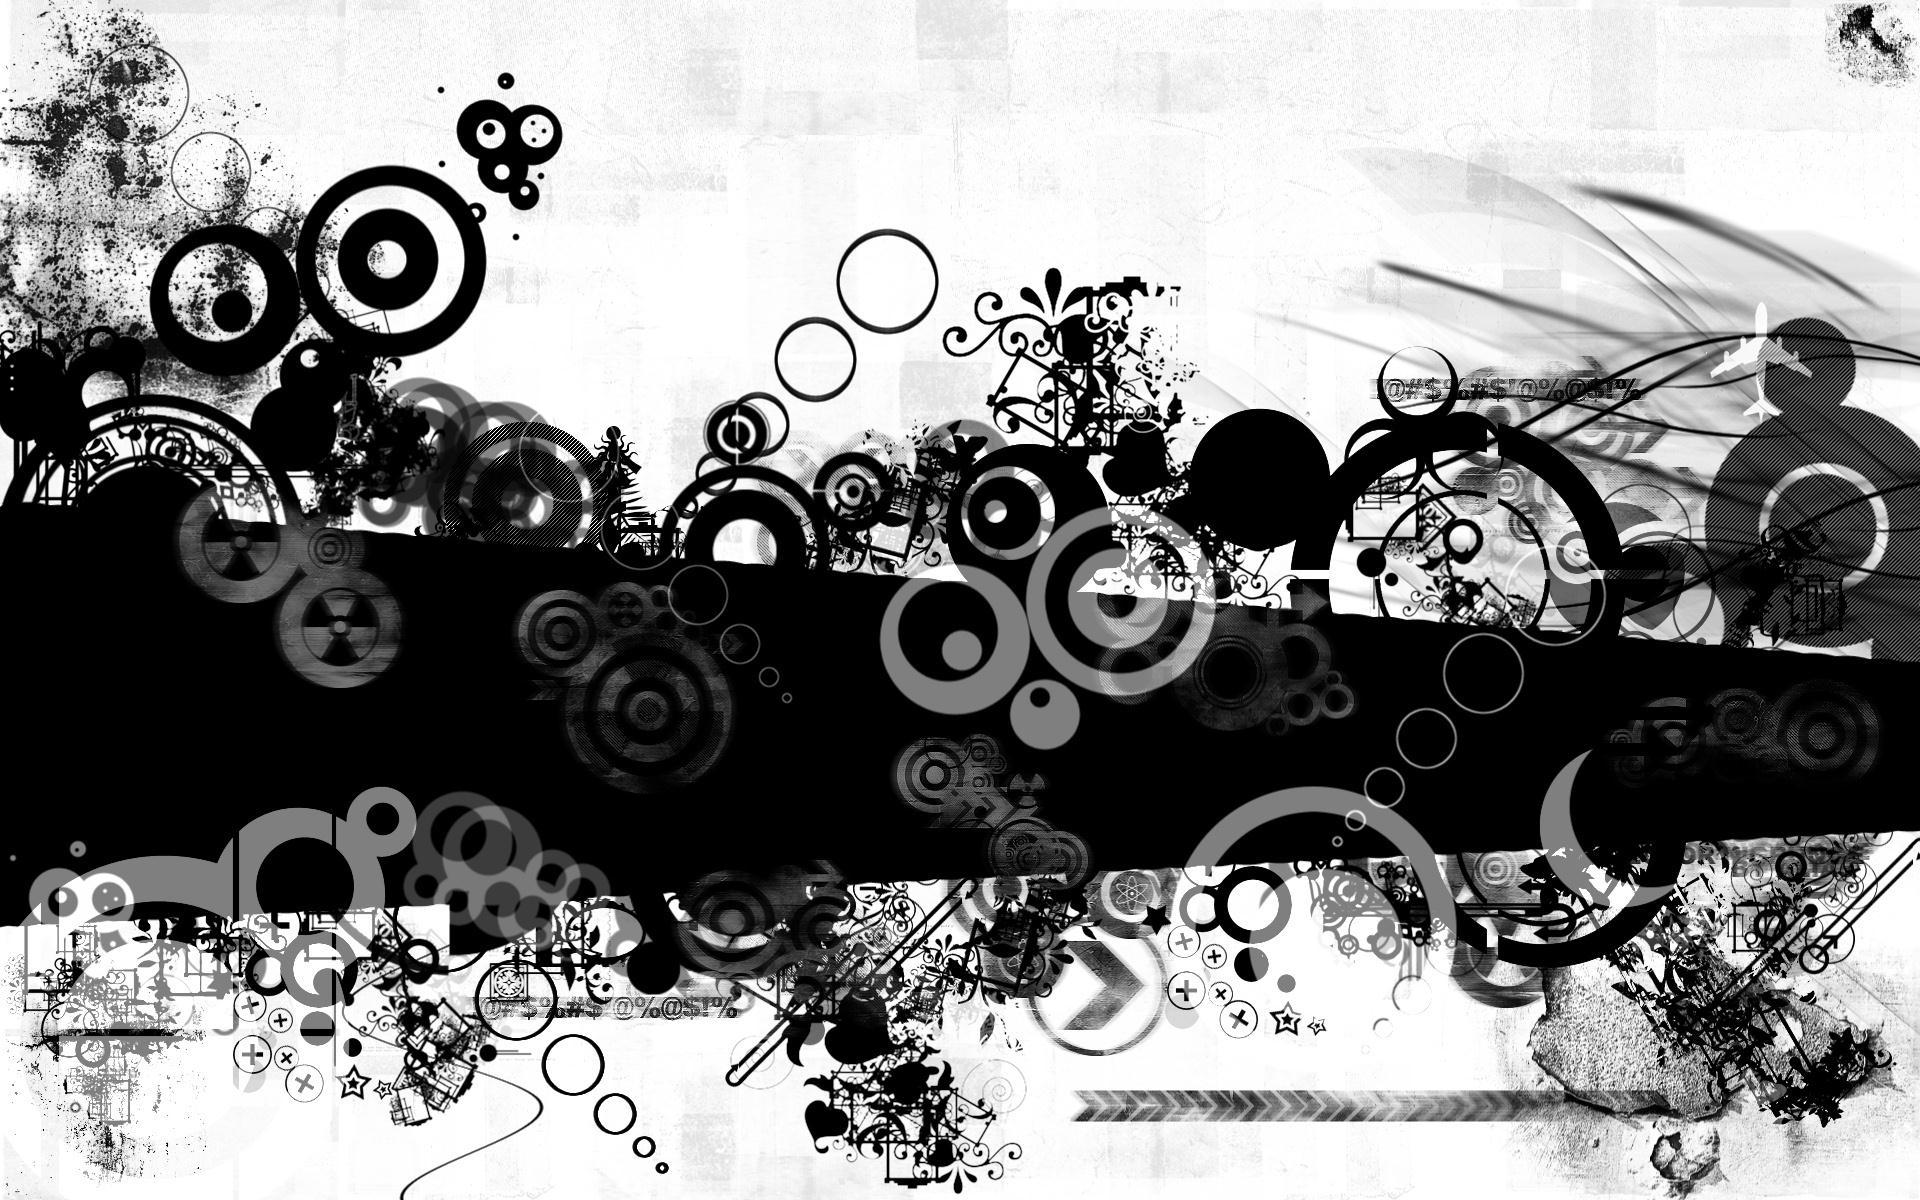 Http://deltarulz.blog.sector.sk/blogclanok/9341/mywallpapers.htm